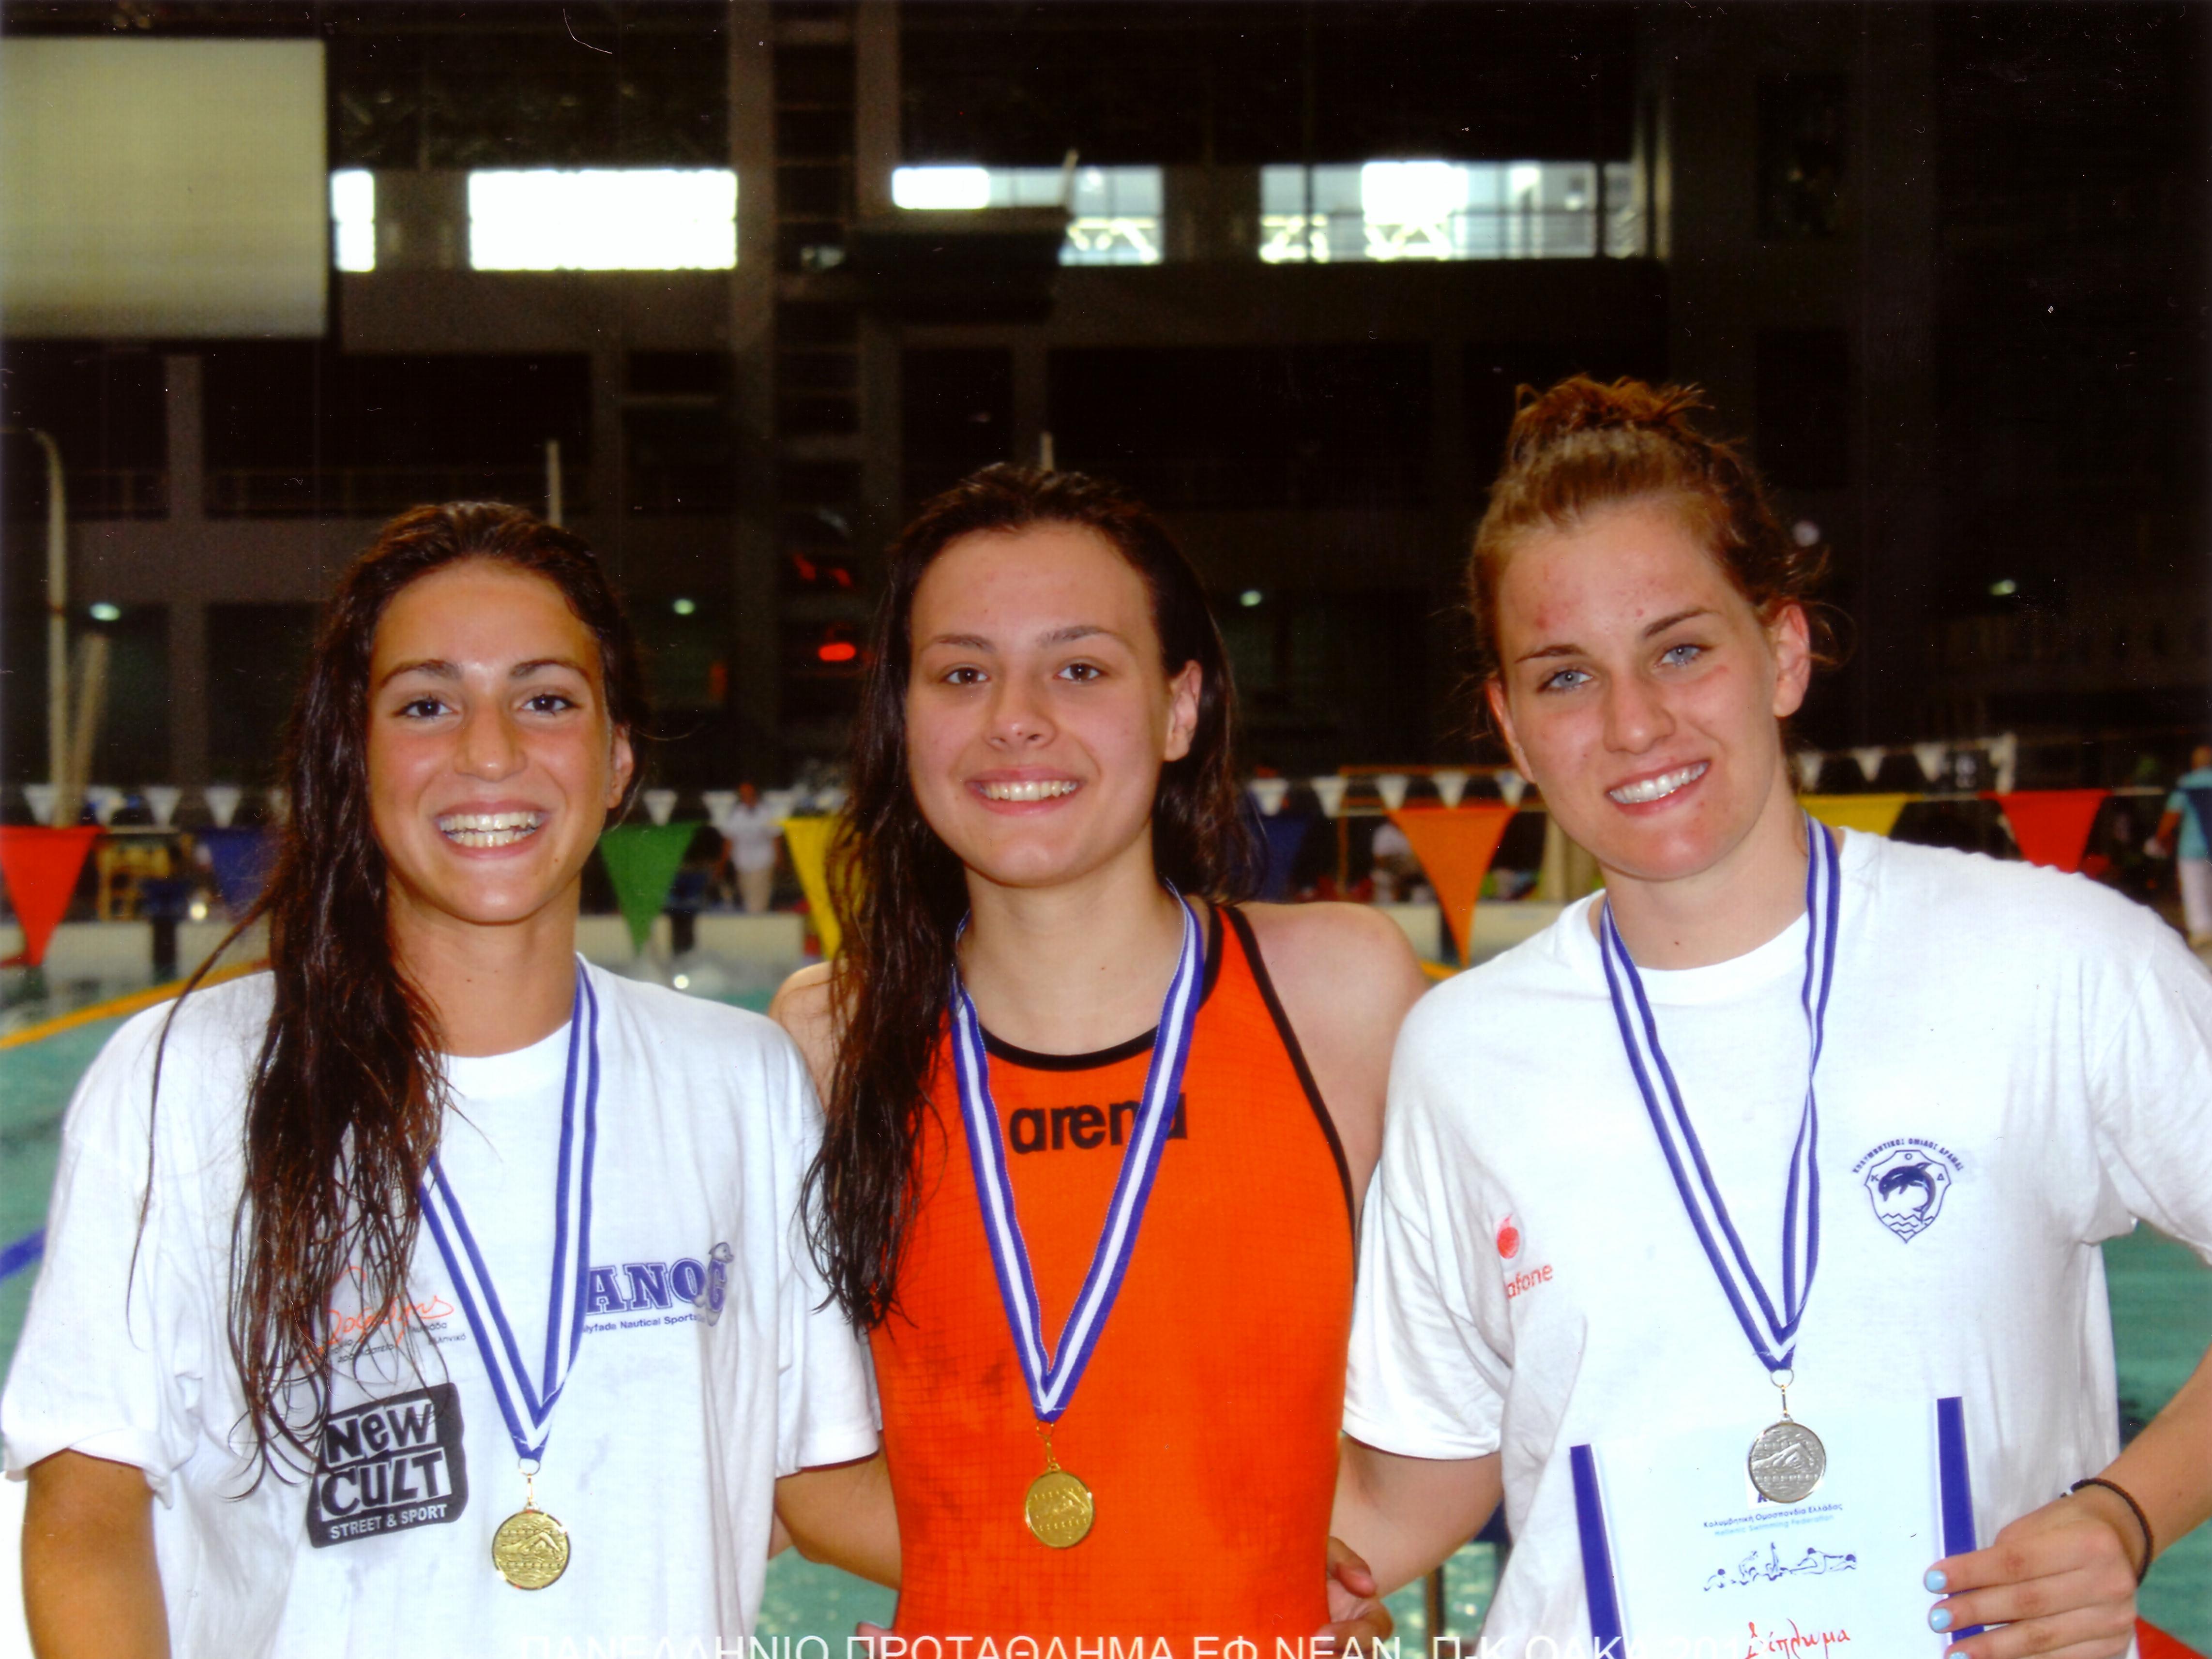 Με επιτυχίες και ελπιδοφόρες εμφανίσεις για το μέλλον επέστρεψε η ομάδα κολύμβησης των Γρεβενών από το πανελλήνιο πρωτάθλημα κατηγοριών